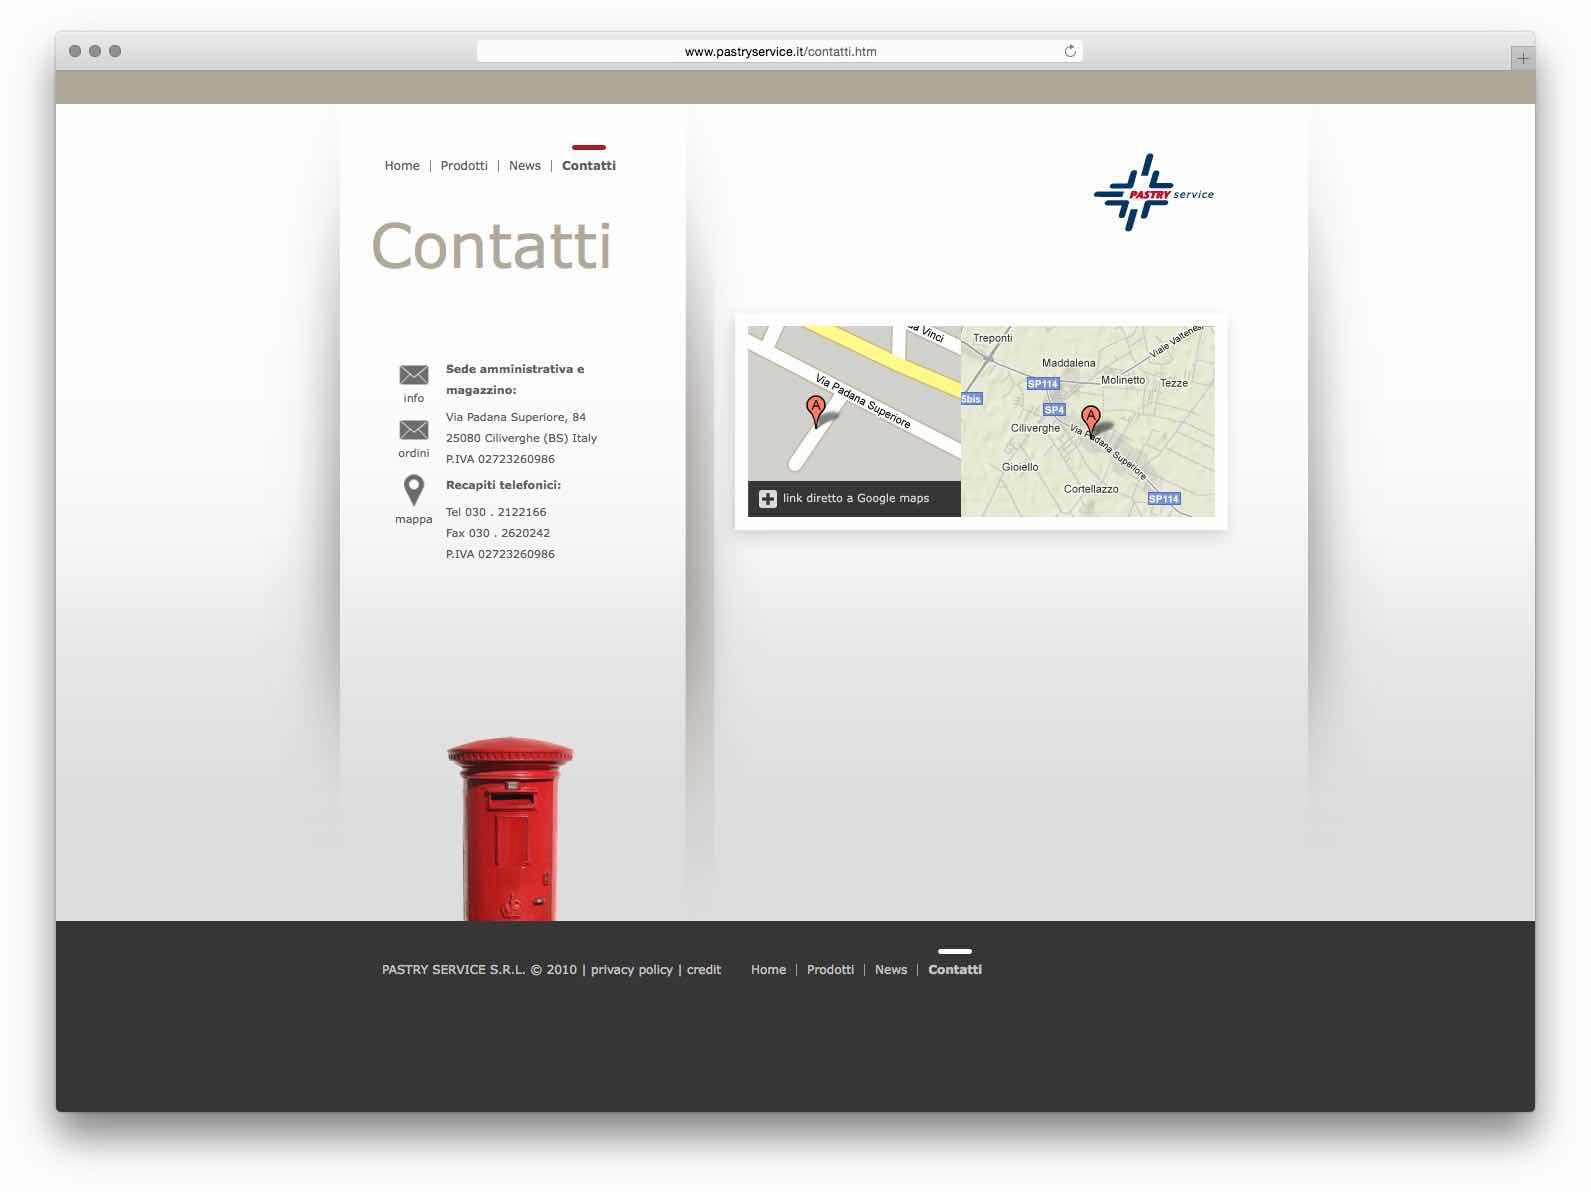 Creazione Siti Web Brescia - Sito Web Pastry Service